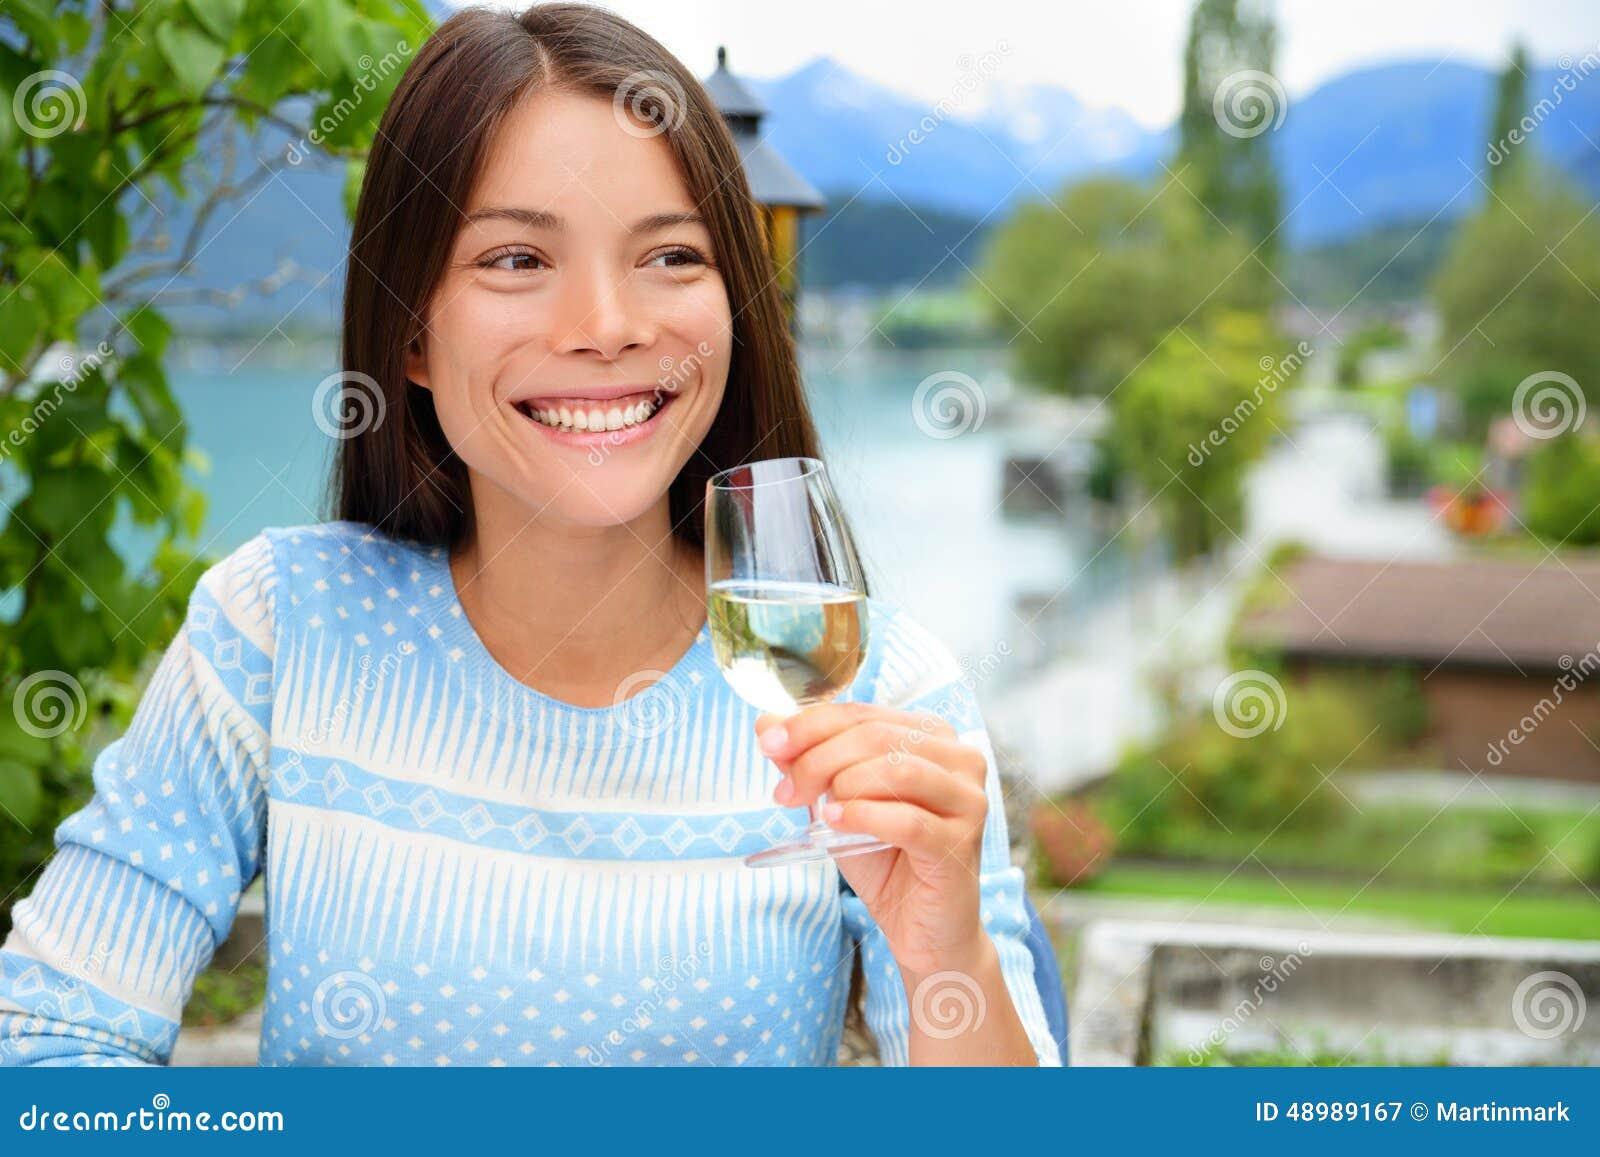 Szczęśliwa kobieta ono uśmiecha się gdy wznosi toast z szampanem